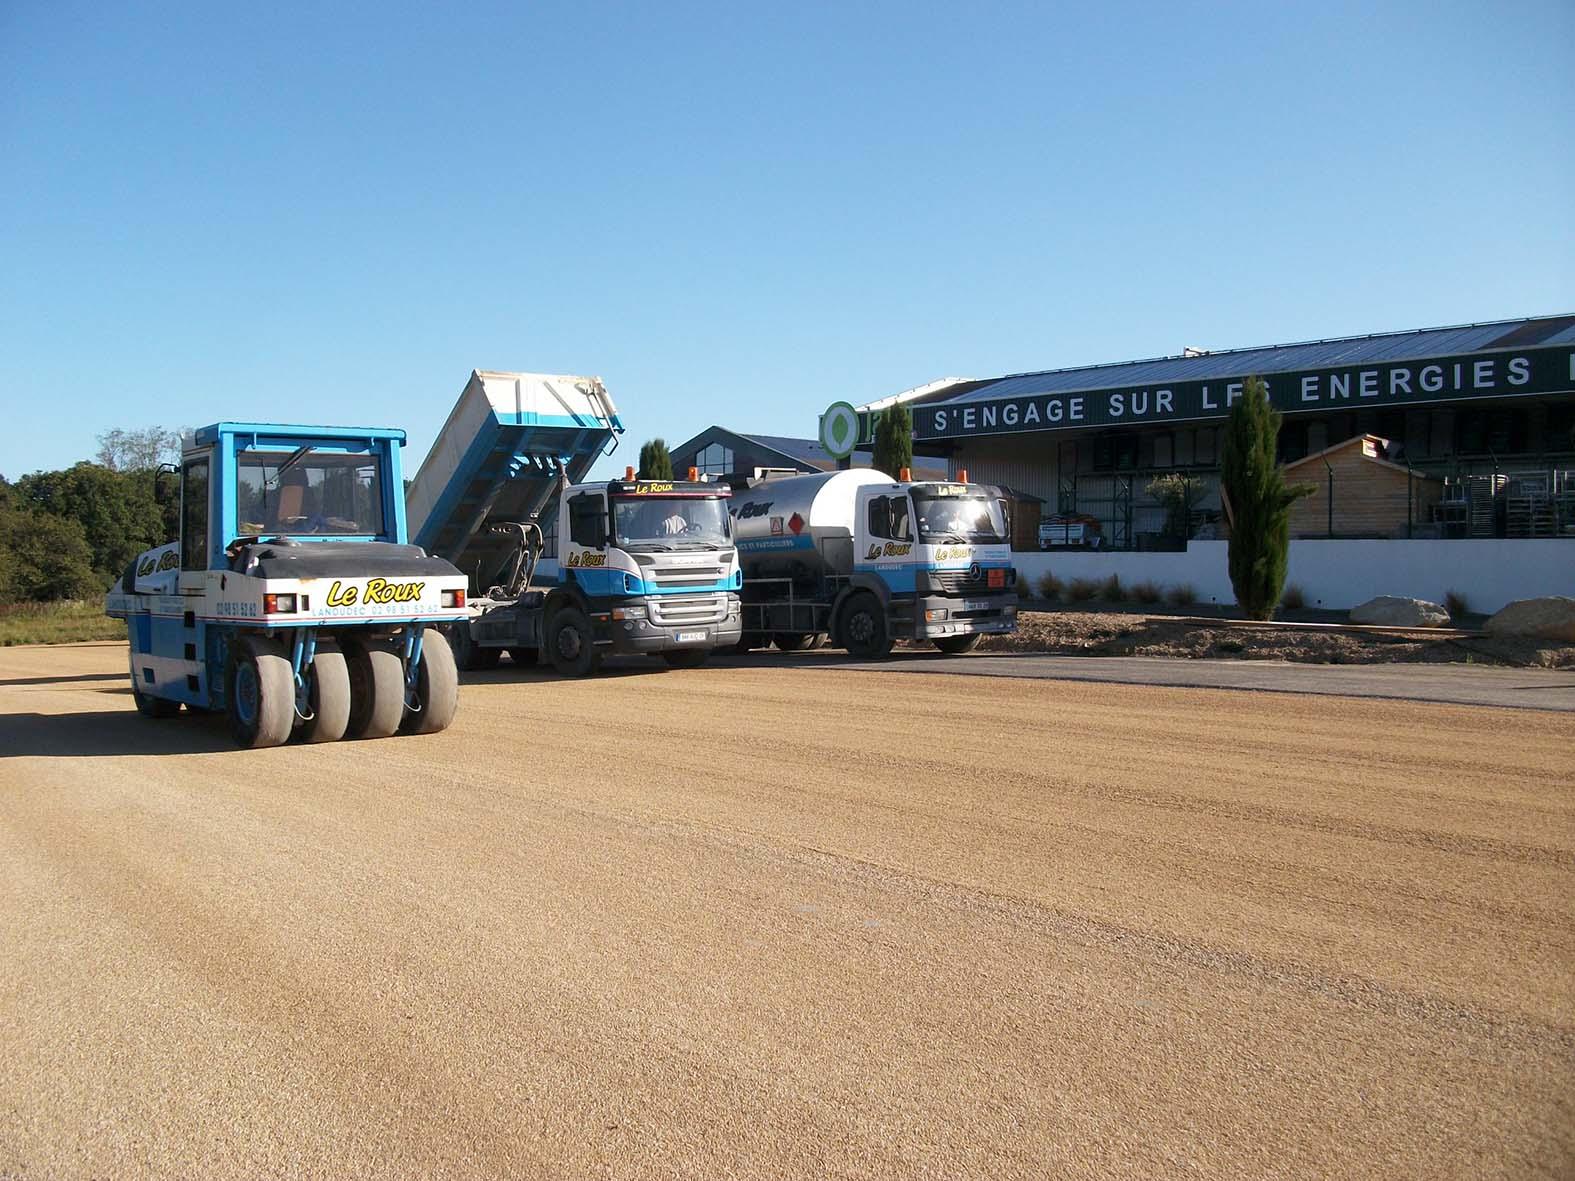 Le Roux TP - Travaux Publics - Voirie route - préparation parking - 4